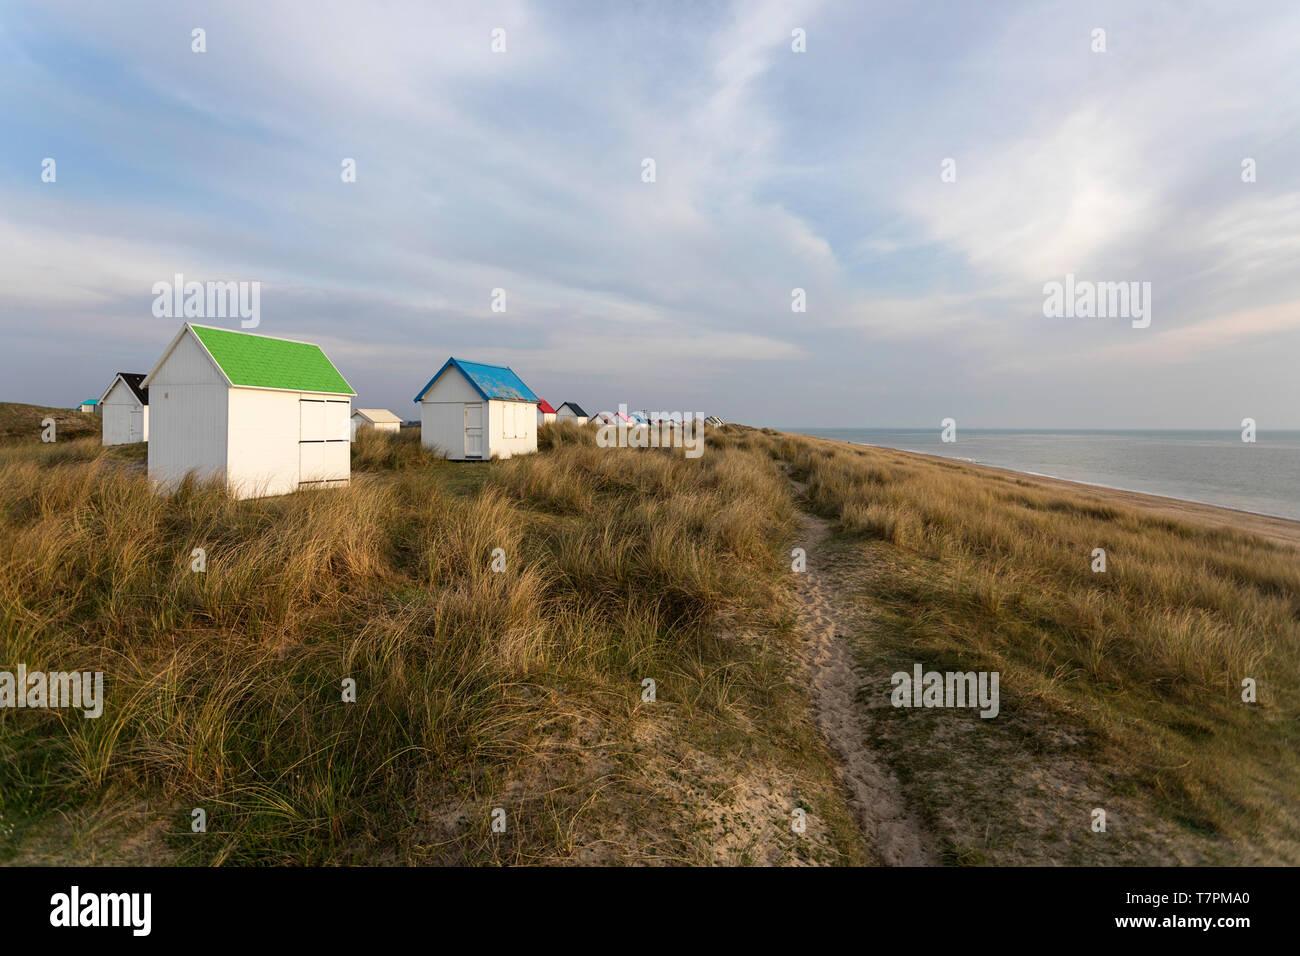 Pfad auf eine Reihe von Strandhütten mit bunten Dächern auf einem Gras bedeckte Dünen und schönen Blick über den Atlantik, Gouville-sur-Mer, Normandie, Frankreich Stockfoto